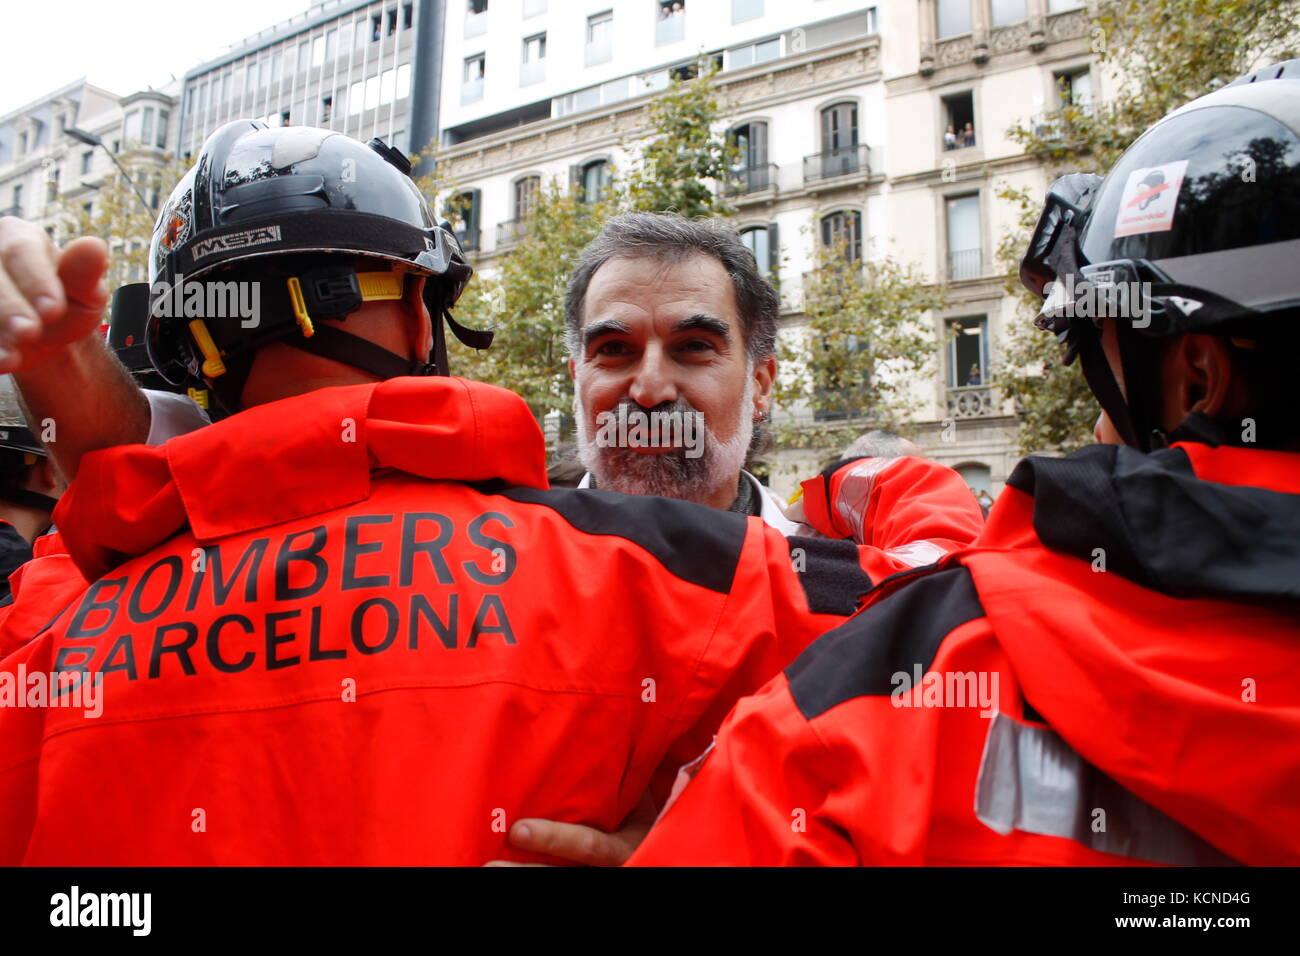 Barcelone, Espagne. 3 octobre 2017. Jordi Cuixart, président d'Omnium , salua les pompiers qui ont assourdi la manifestation deux jours après le référendum. Banque D'Images